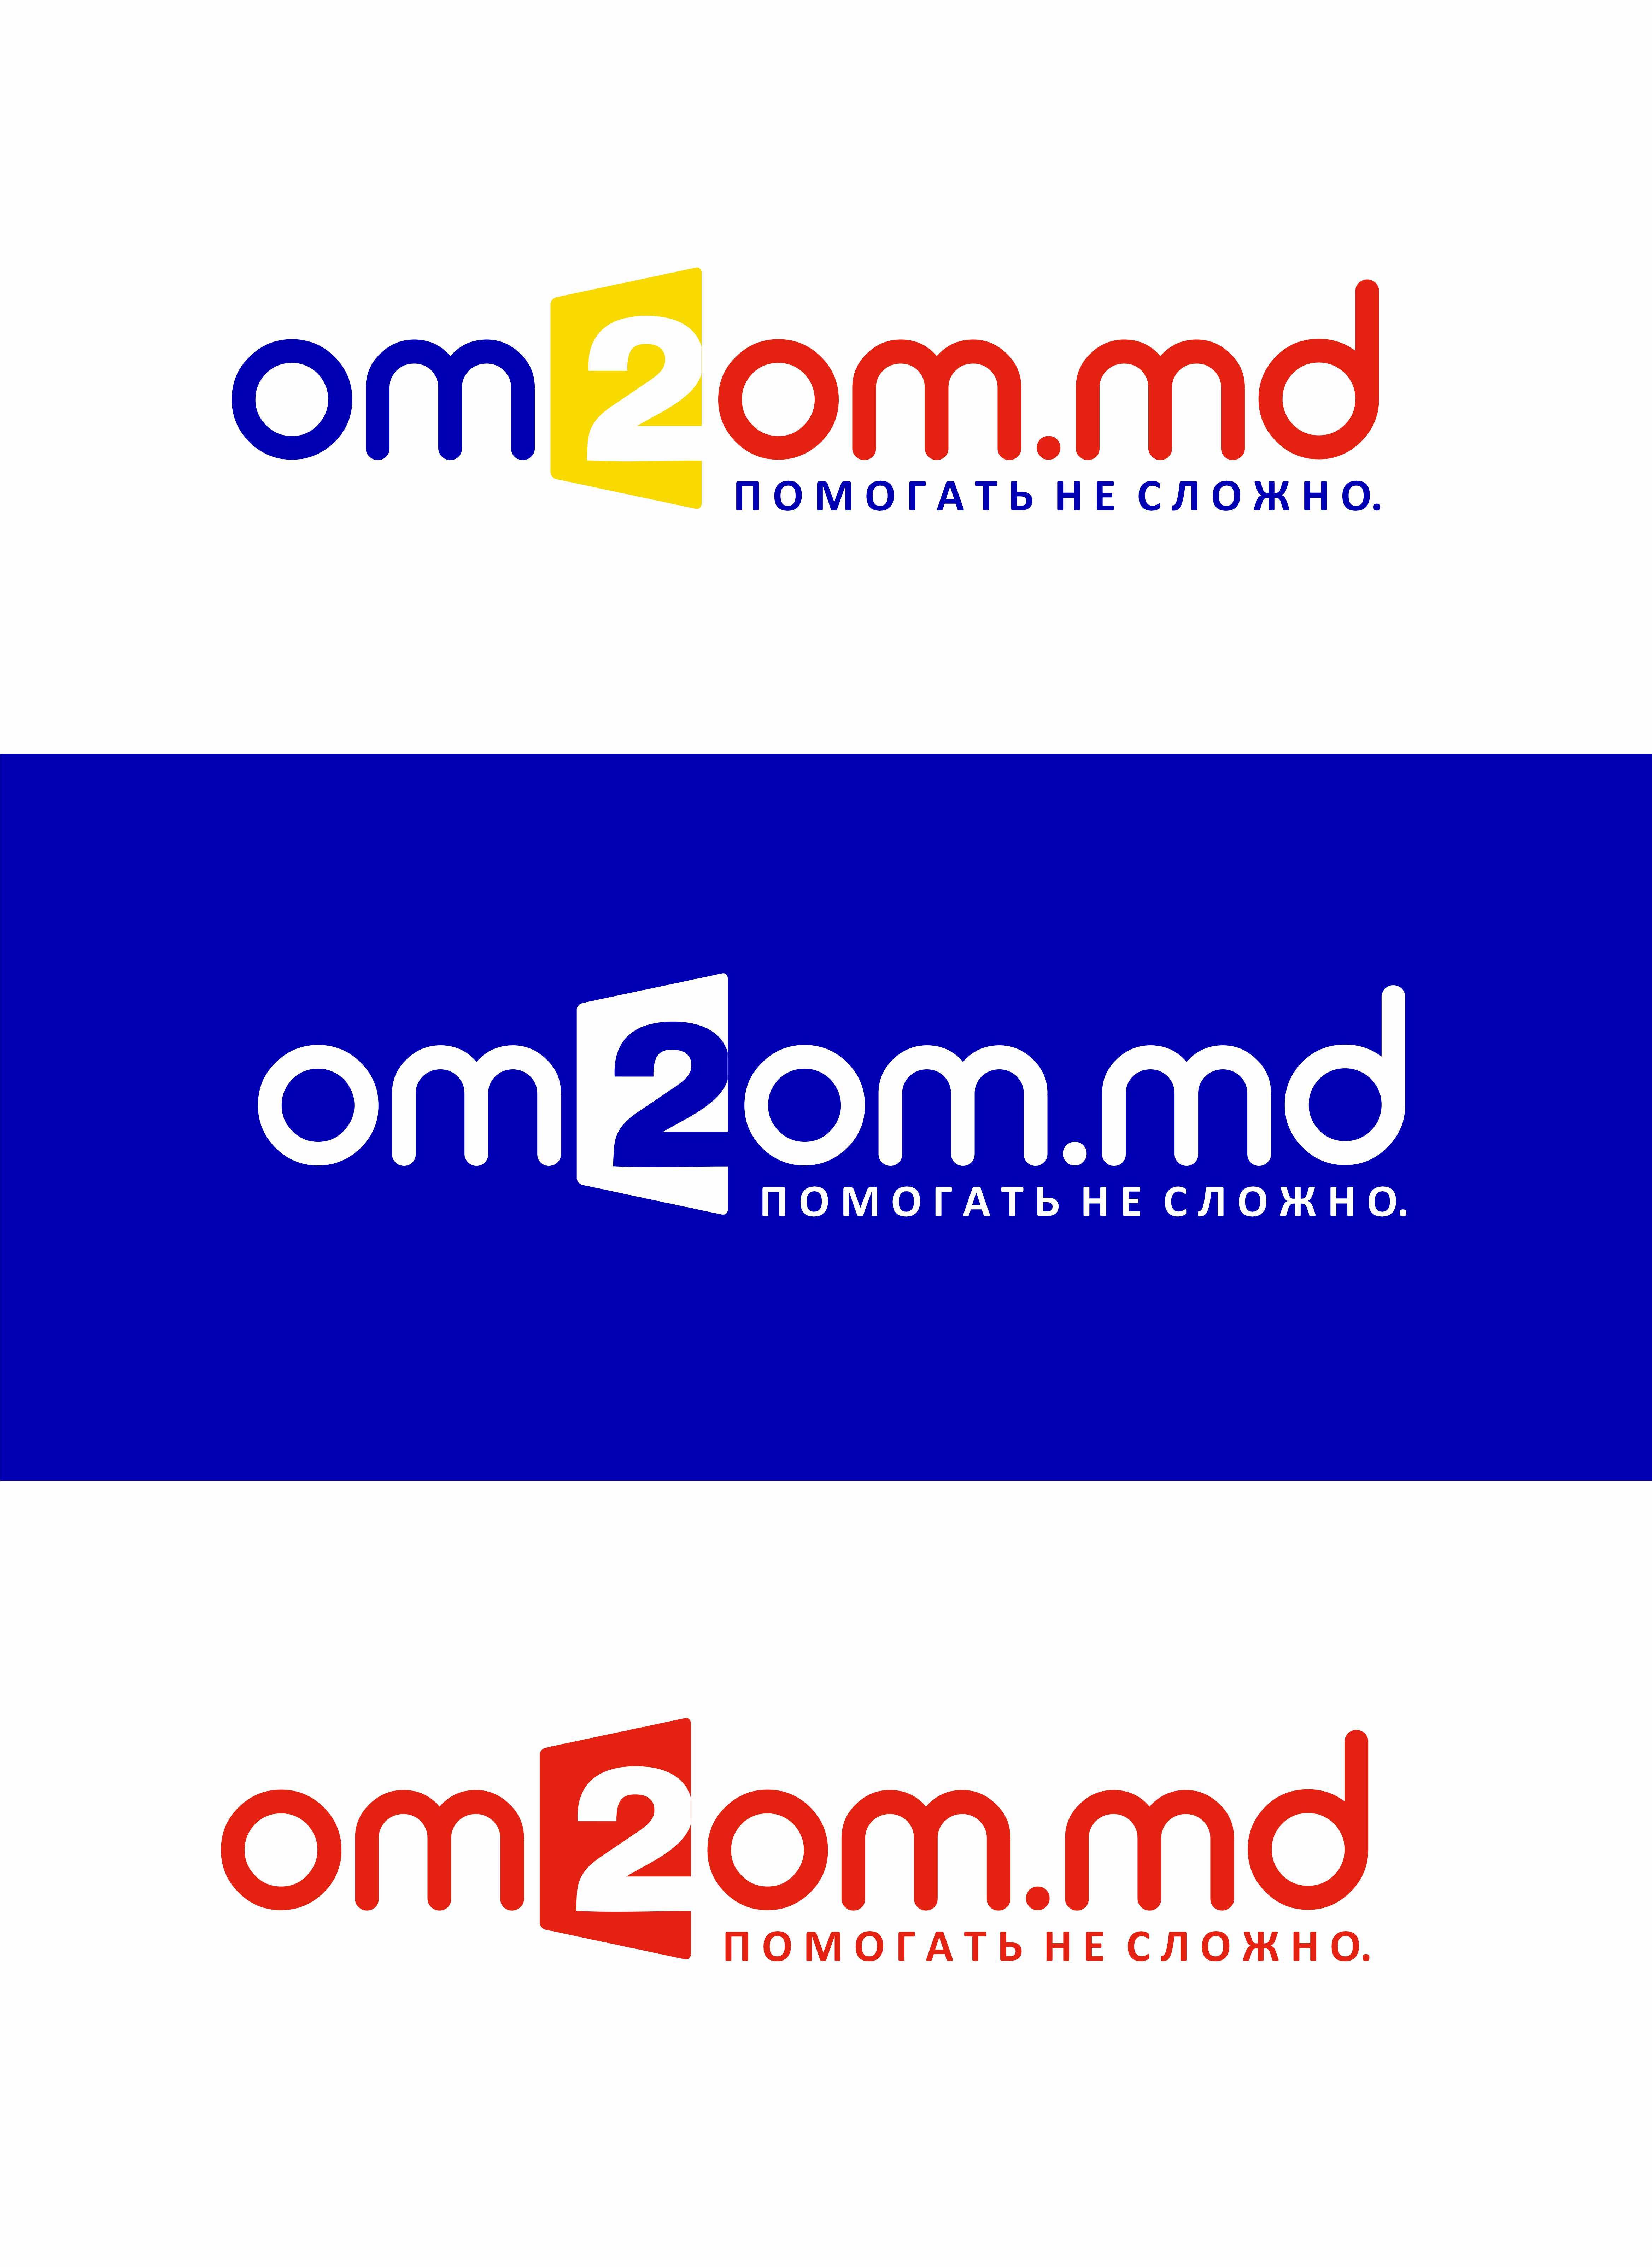 Разработка логотипа для краудфандинговой платформы om2om.md фото f_4105f5ed80a51834.jpg